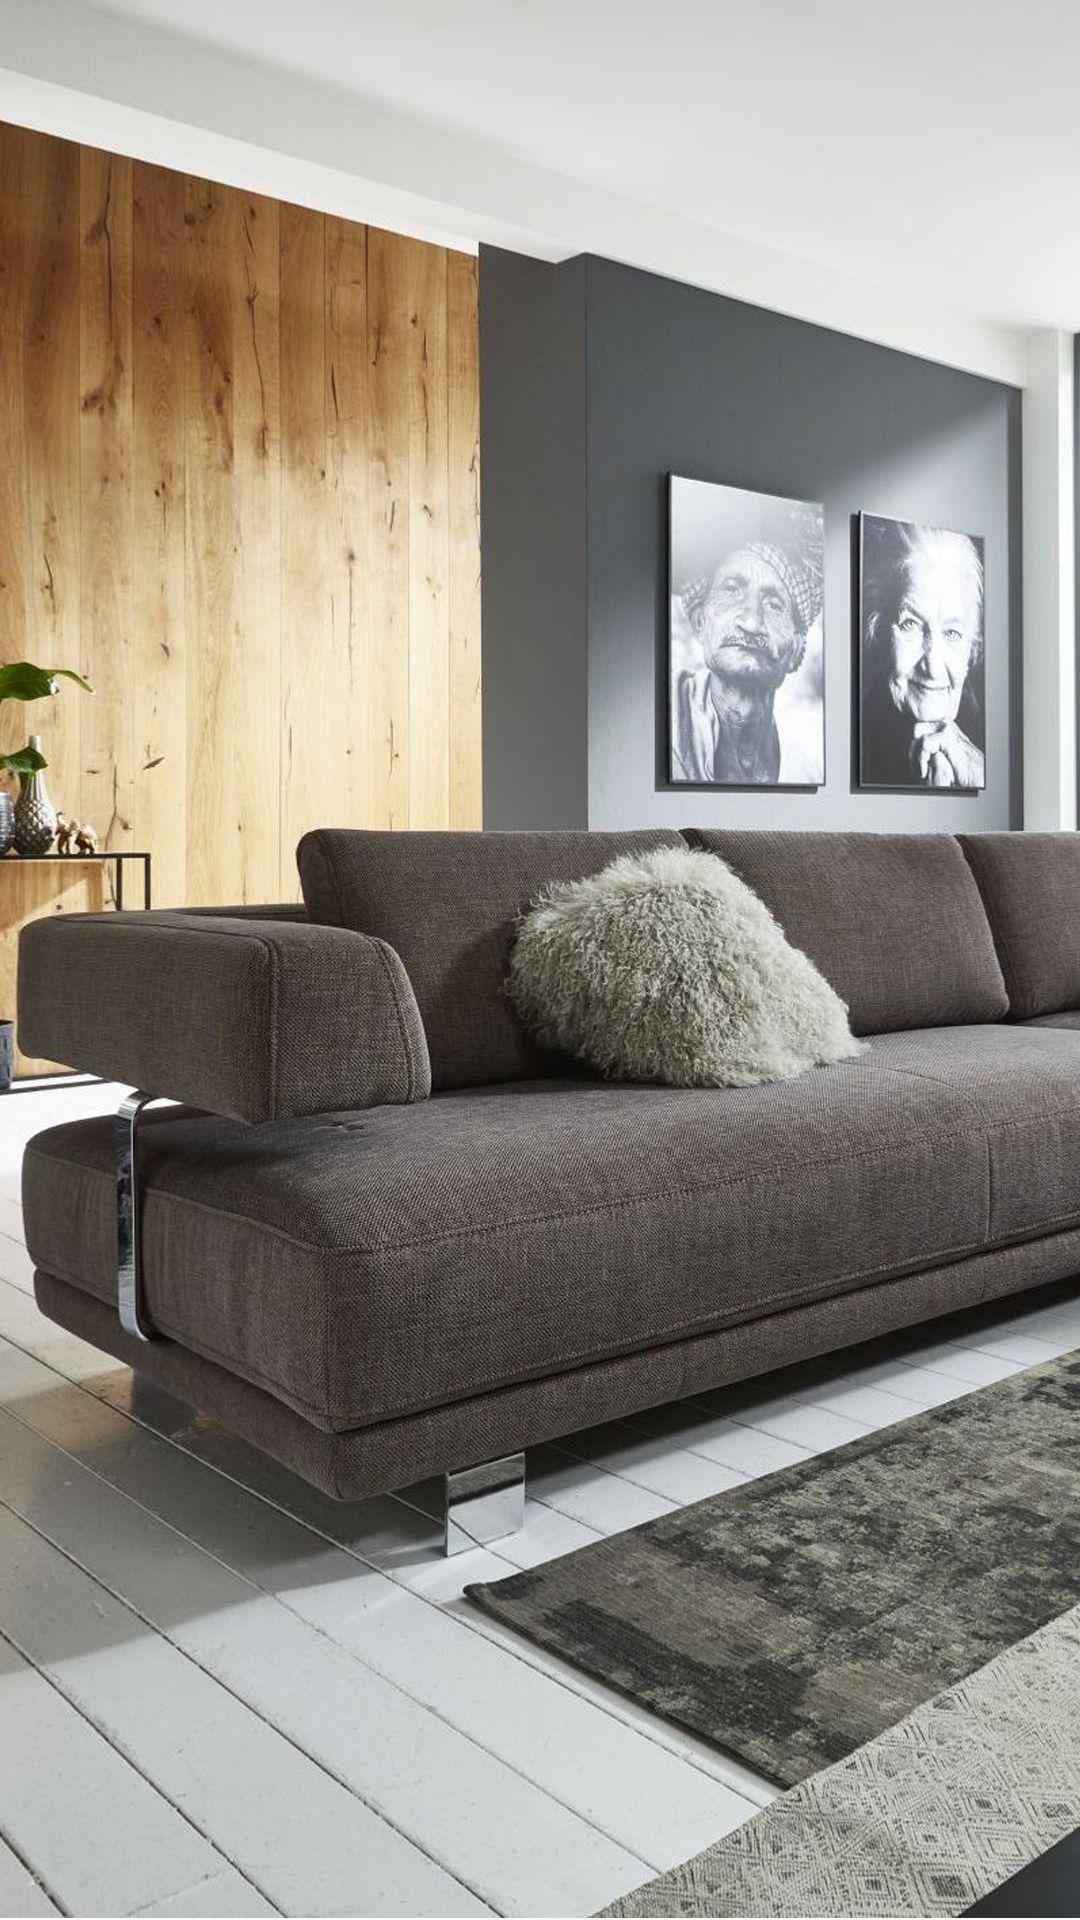 Polstergarnitur Hp 1812 In 2020 Wohnen Wohnwelt Haus